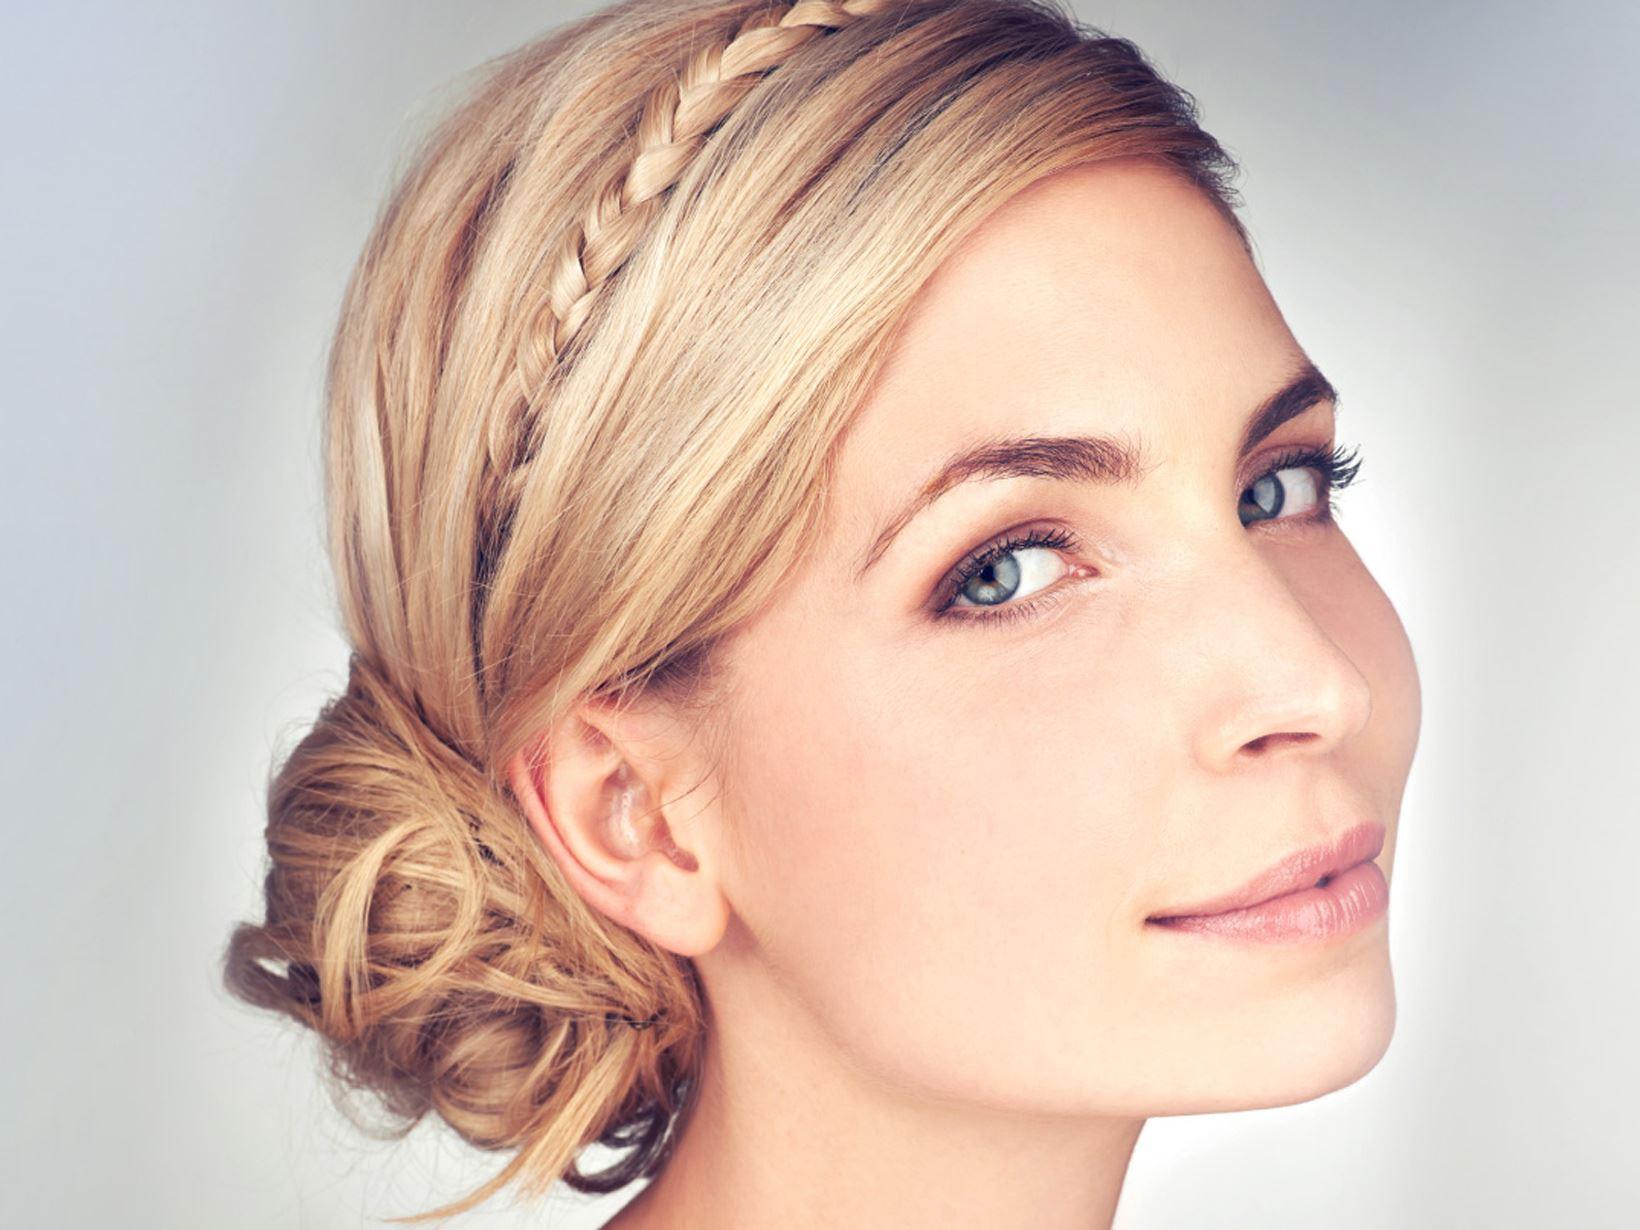 Frisuren Mit Haarband  Frisuren mit Haarband Styles und Anleitungen – NIVEA